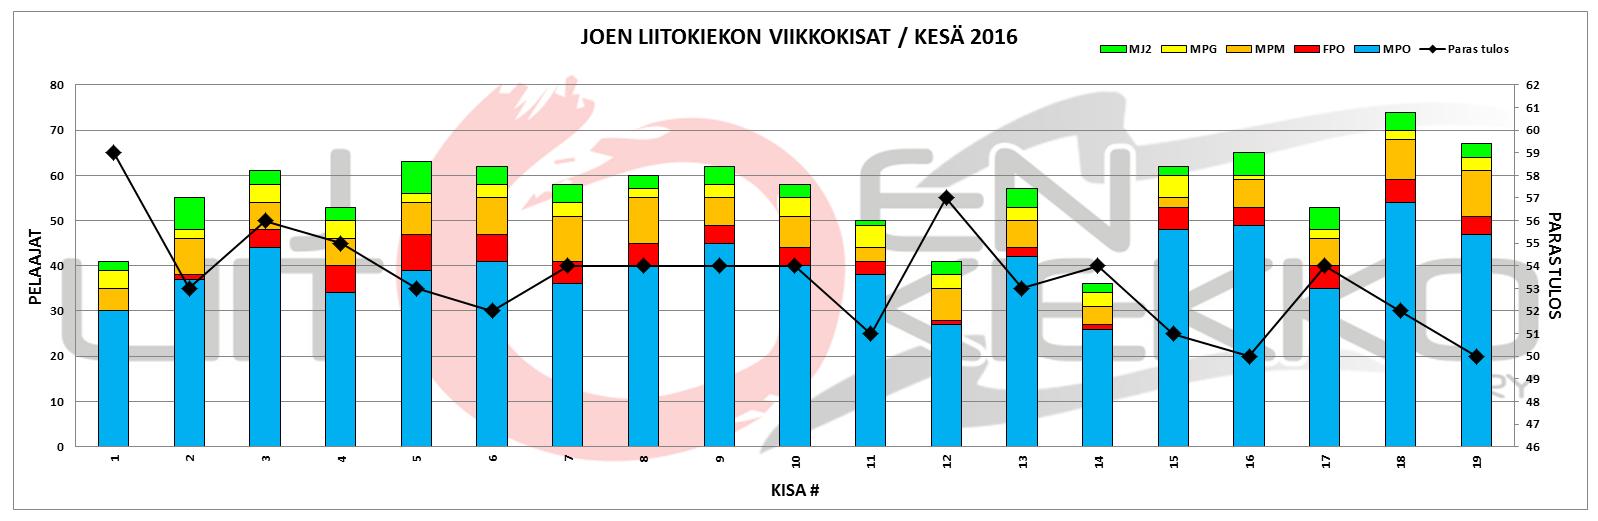 JLK-viikkokisat-kesa-2016-graafi-31082016